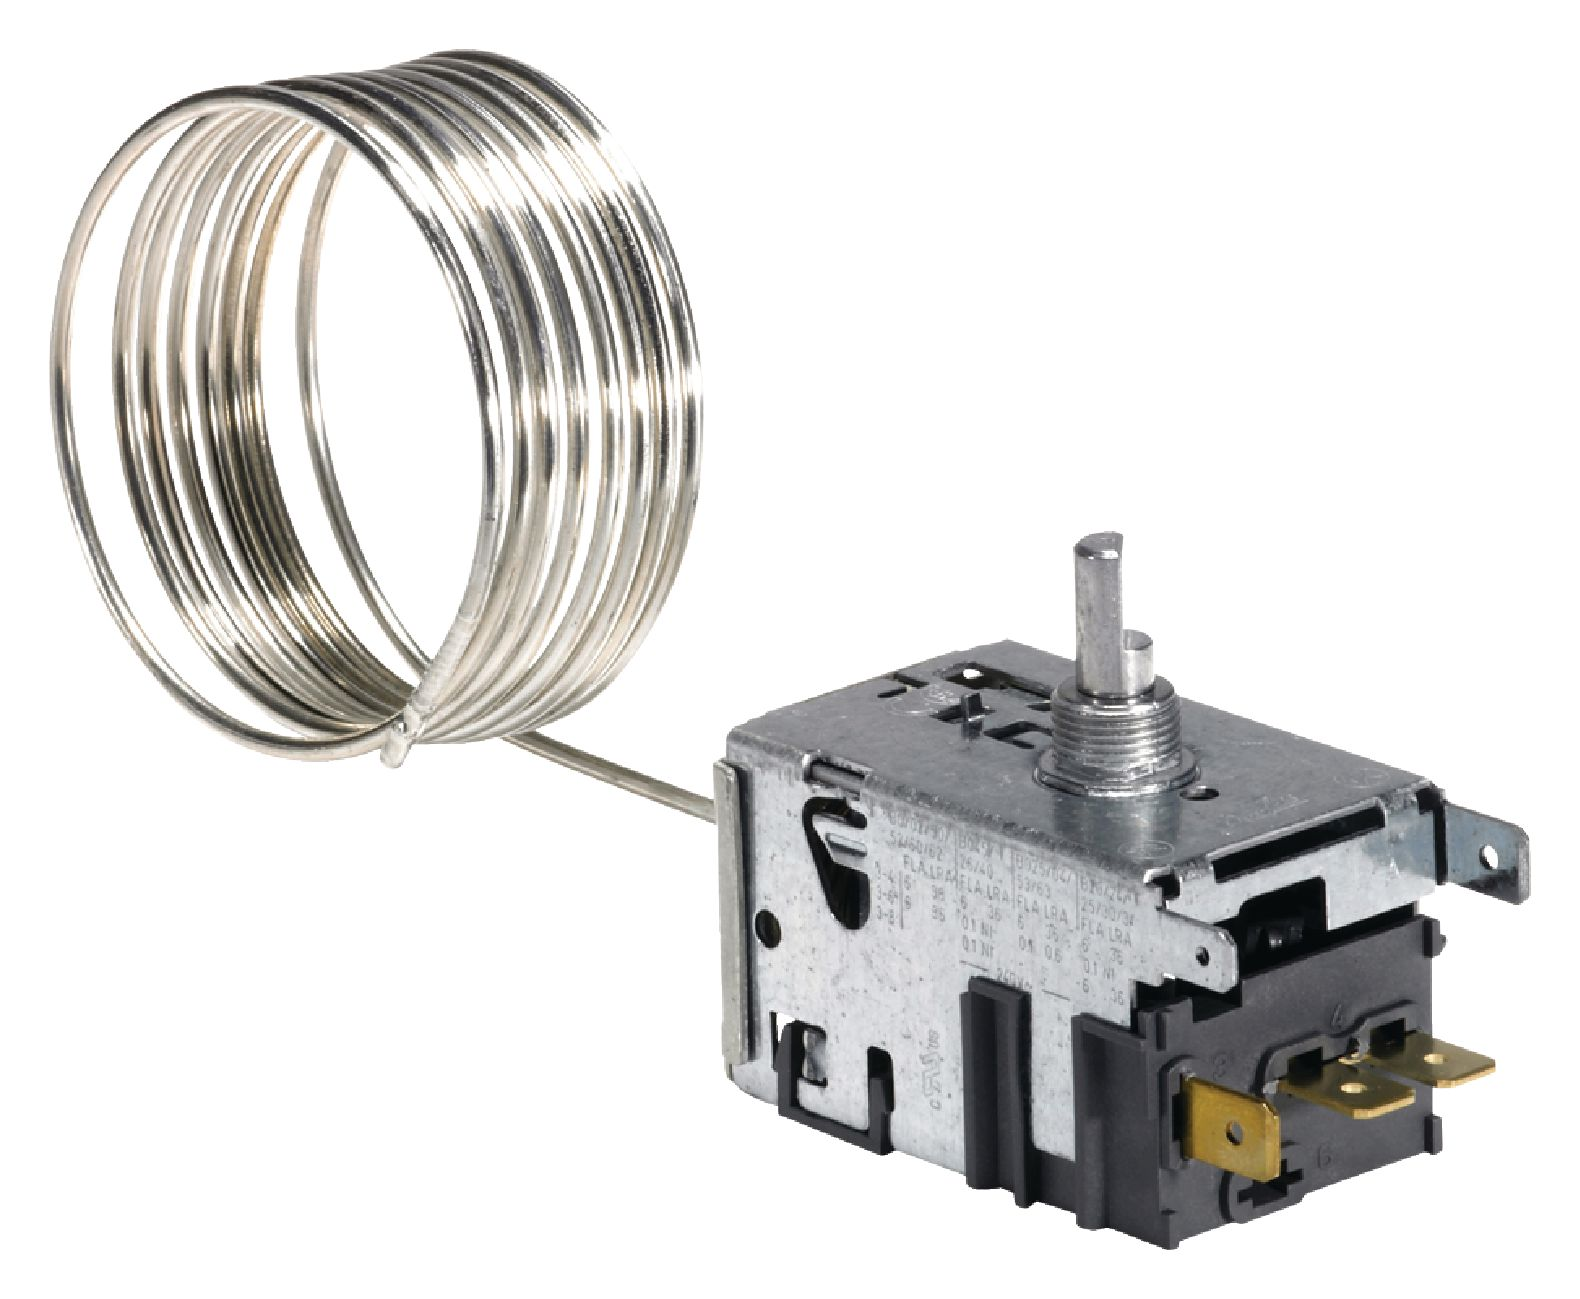 Danfoss Thermostats Manual